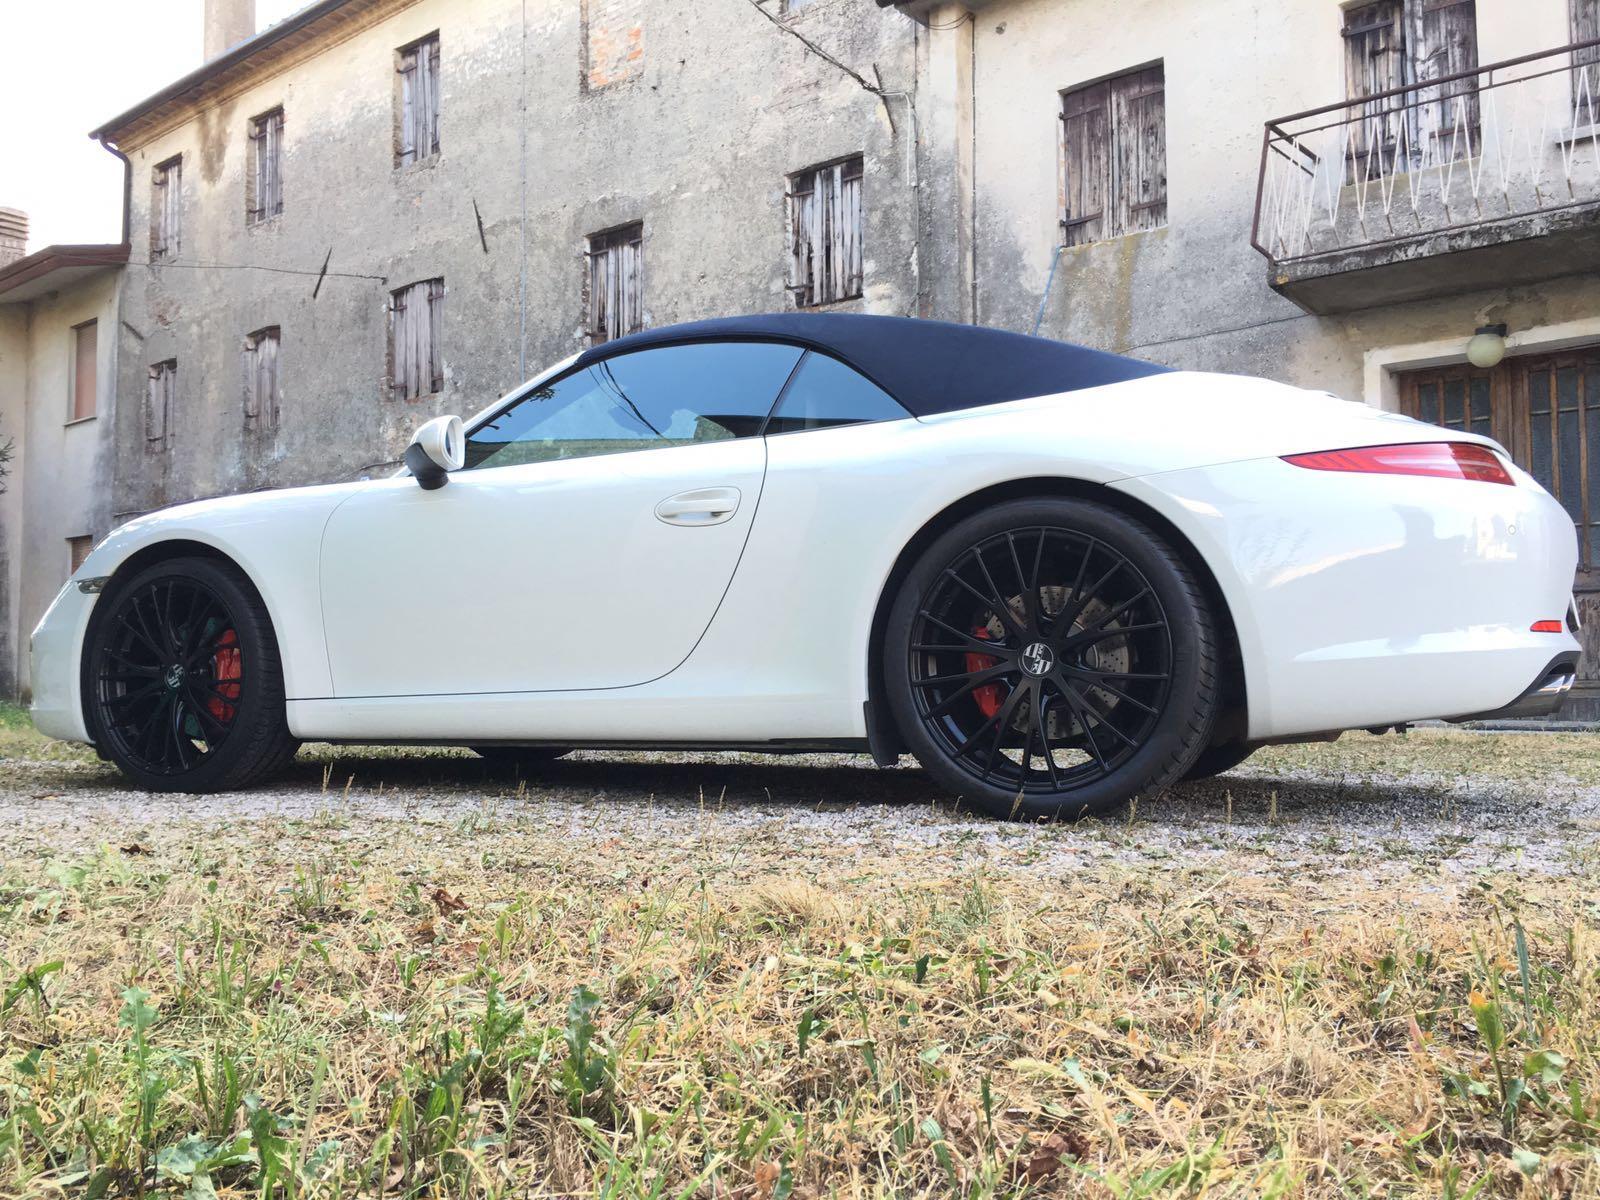 Cerchi per Auto - Cerchi MAK RENNEN per Porsche 991 Carrera